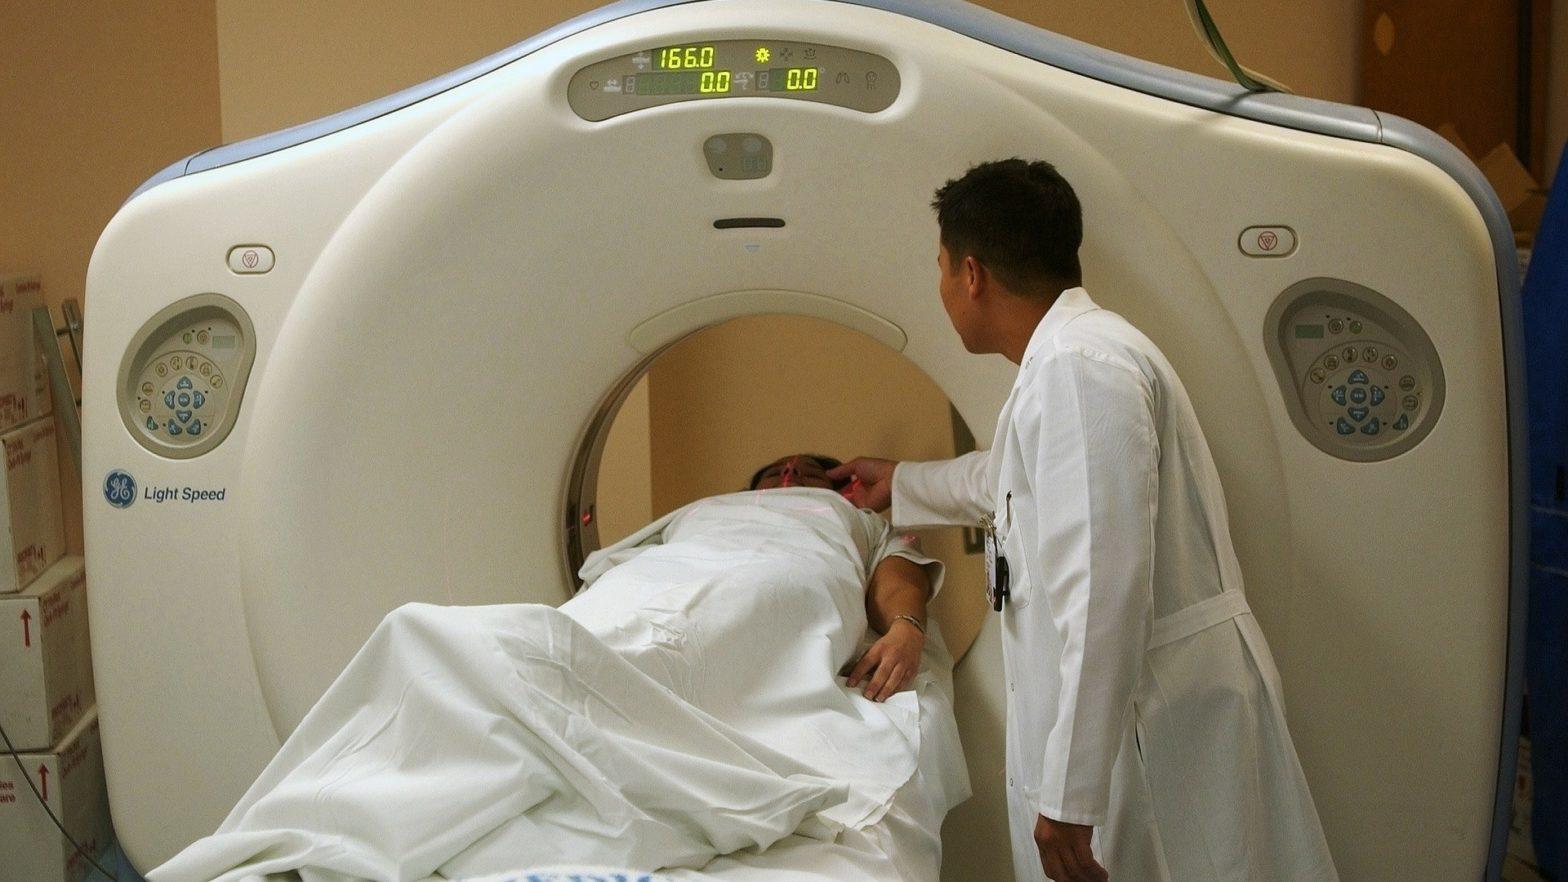 Paciente deitado na maca de tomografia. Radiologista ao lado.